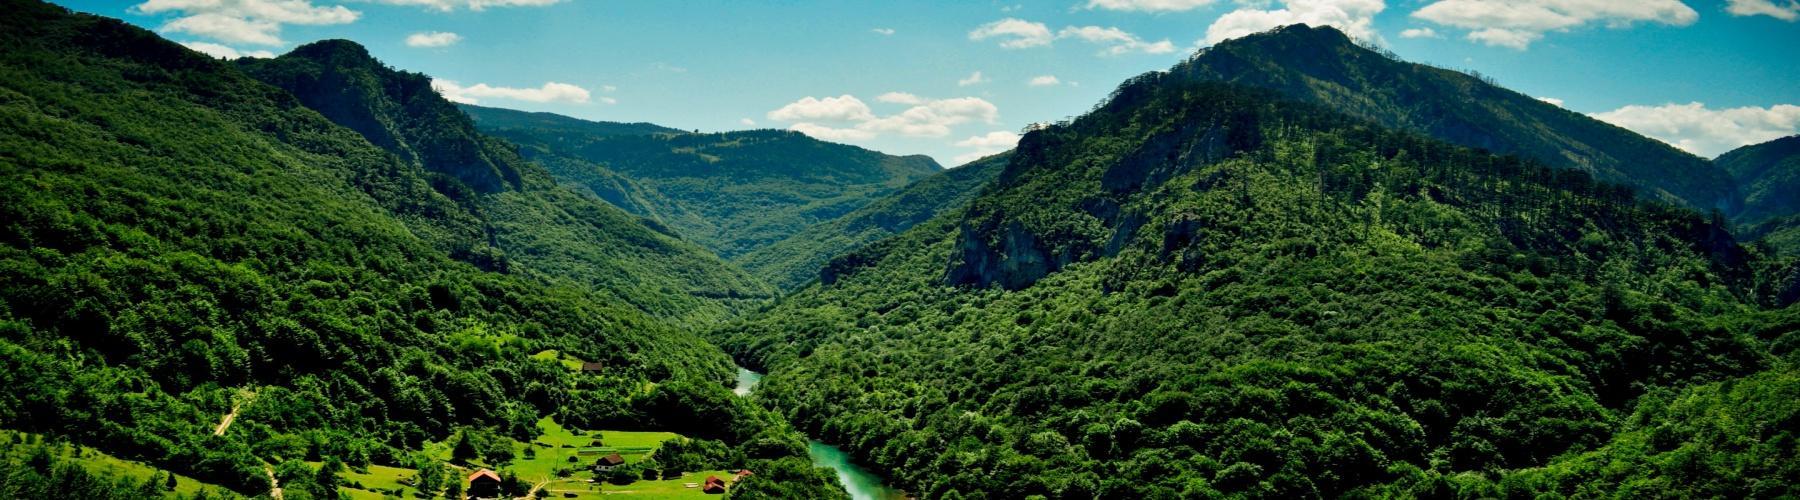 Фантастические горные пейзажи Черногории